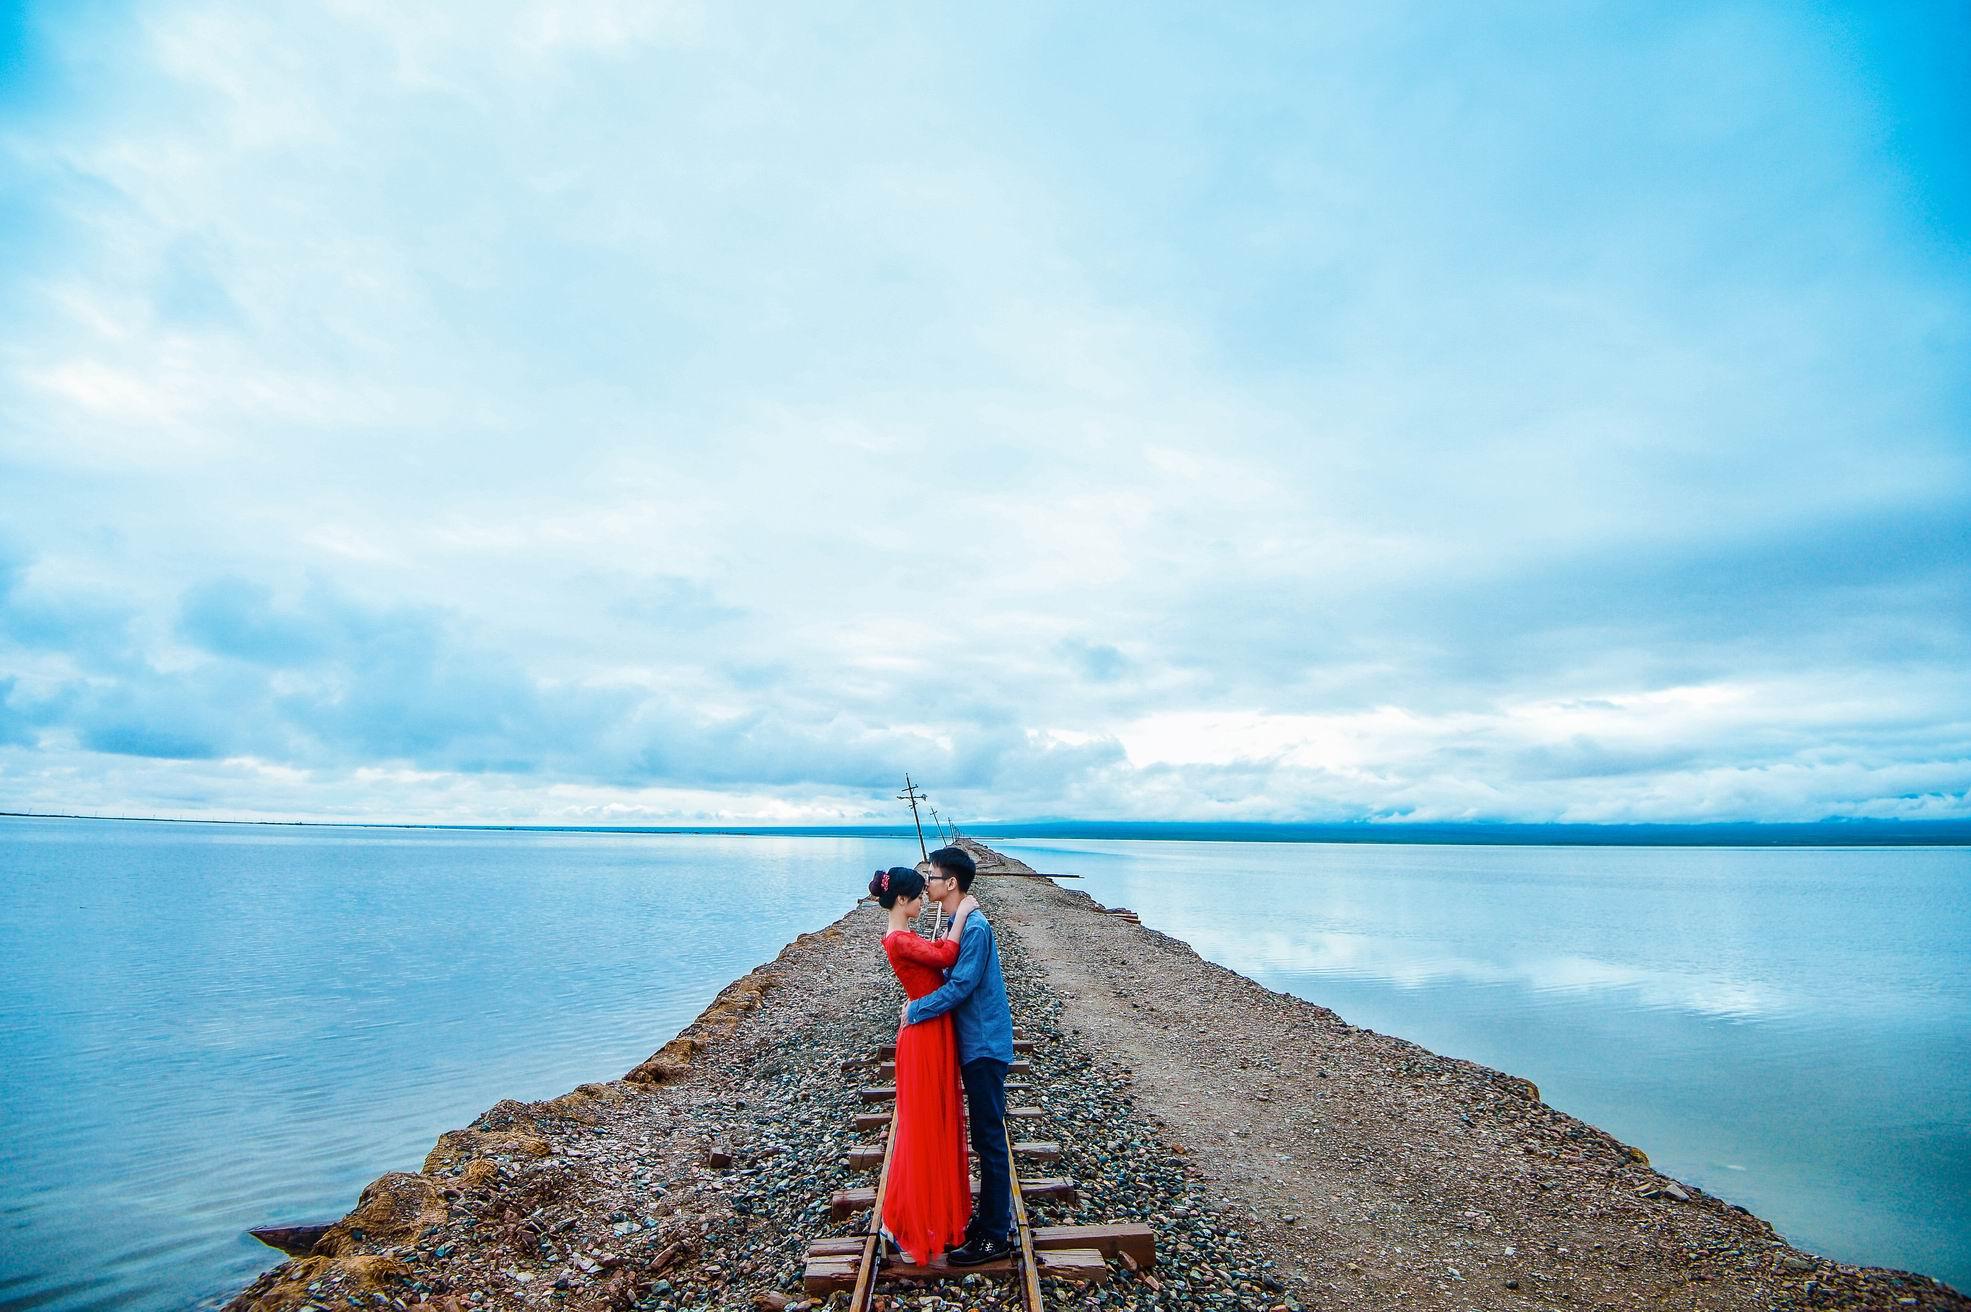 青海湖周邊經典一日游 日月山青海湖黑馬河茶卡鹽湖包車拼車一日游